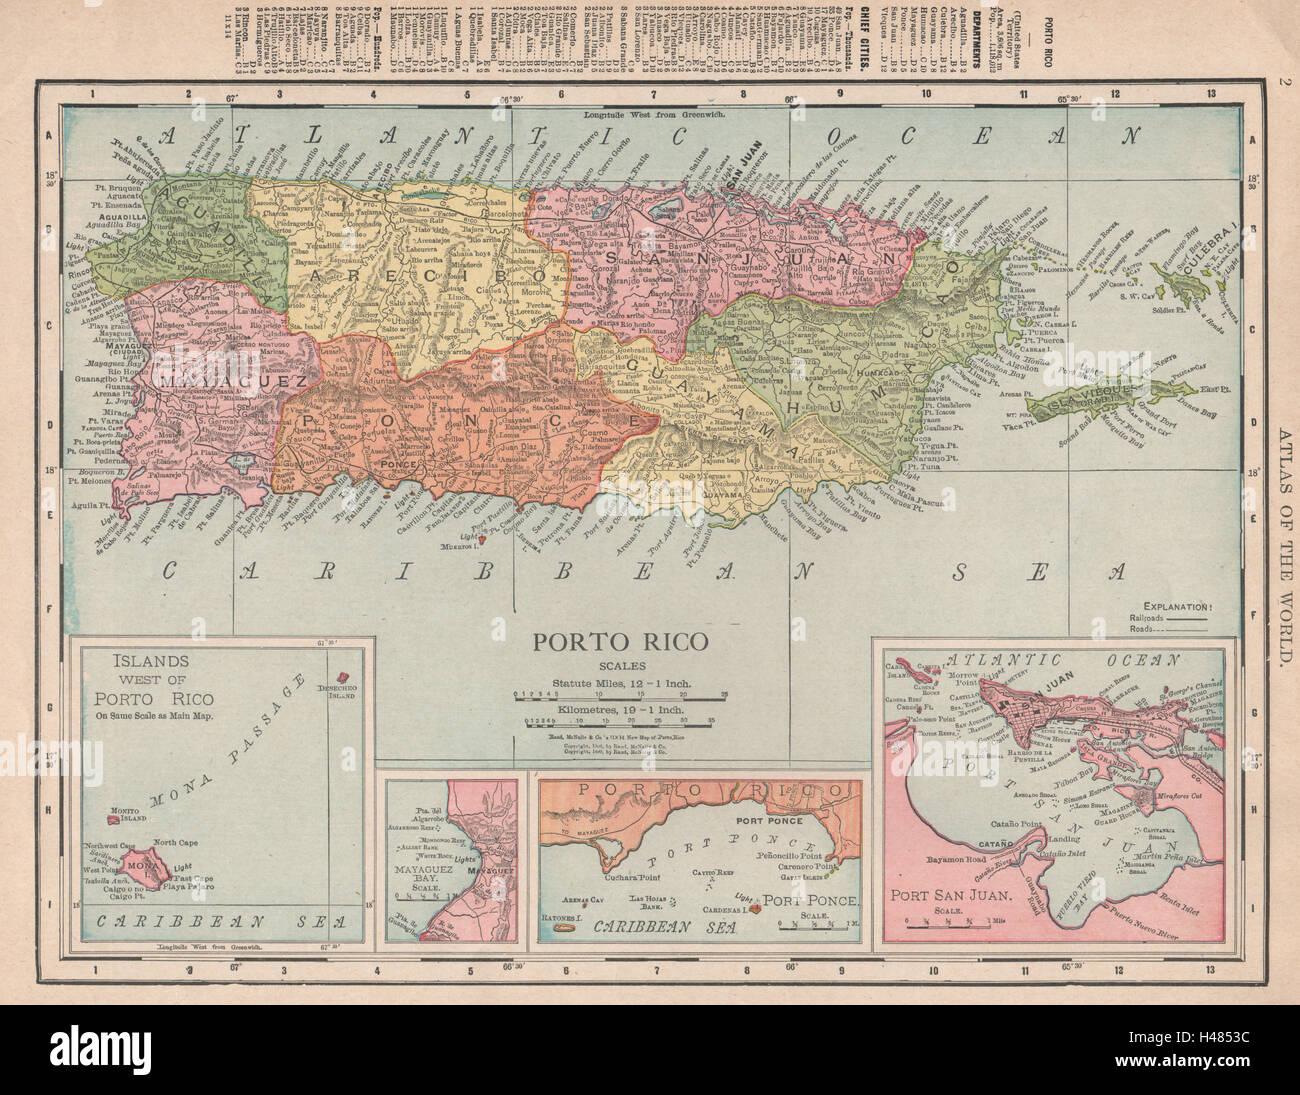 Puerto rico inset port san juan rand mcnally 1912 old antique map puerto rico inset port san juan rand mcnally 1912 old antique map plan chart gumiabroncs Images